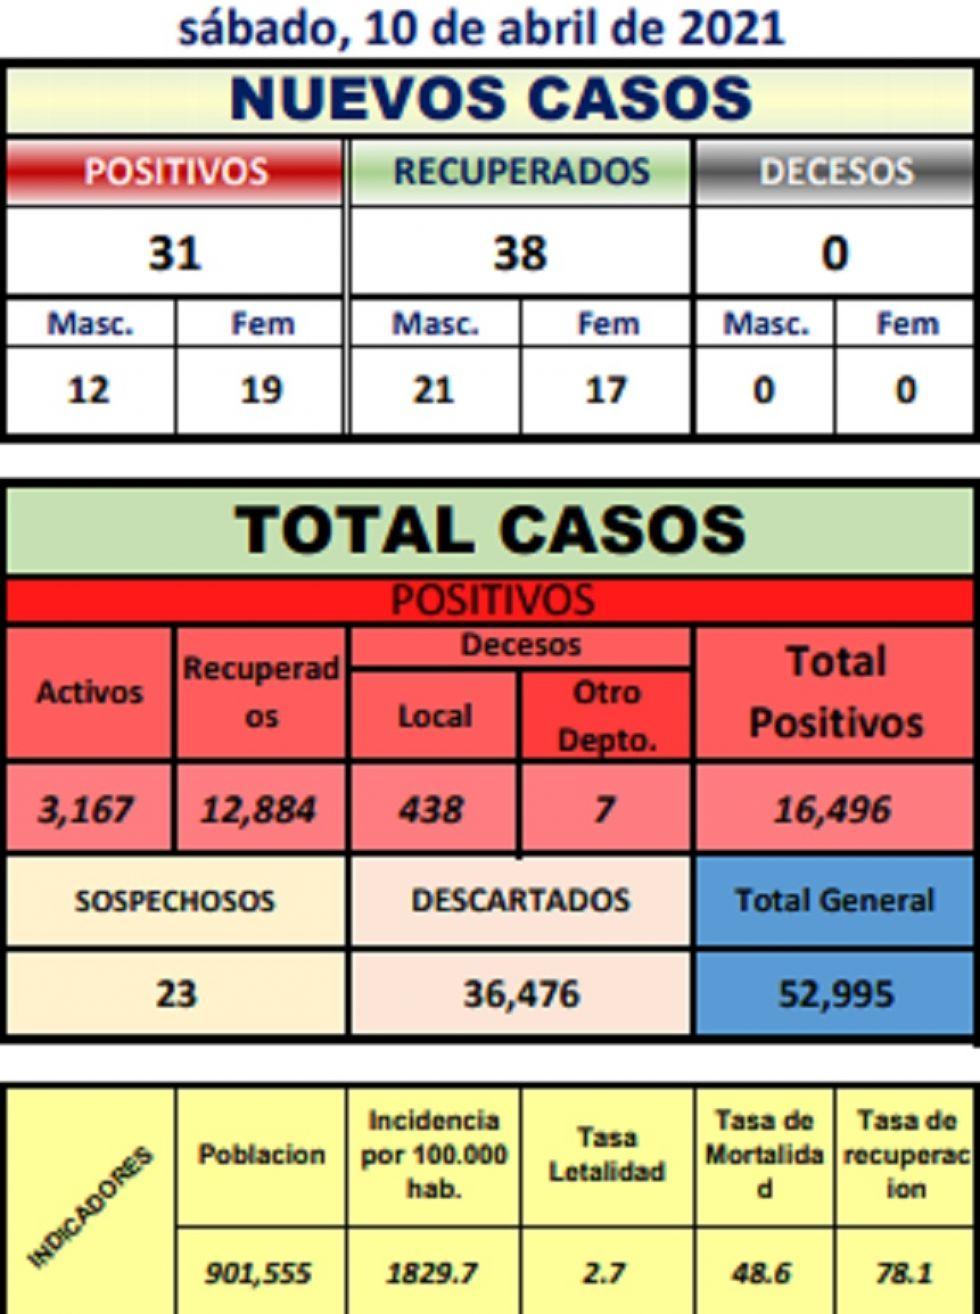 Potosí reporta 31 nuevos casos de coronavirus en nueve municipios